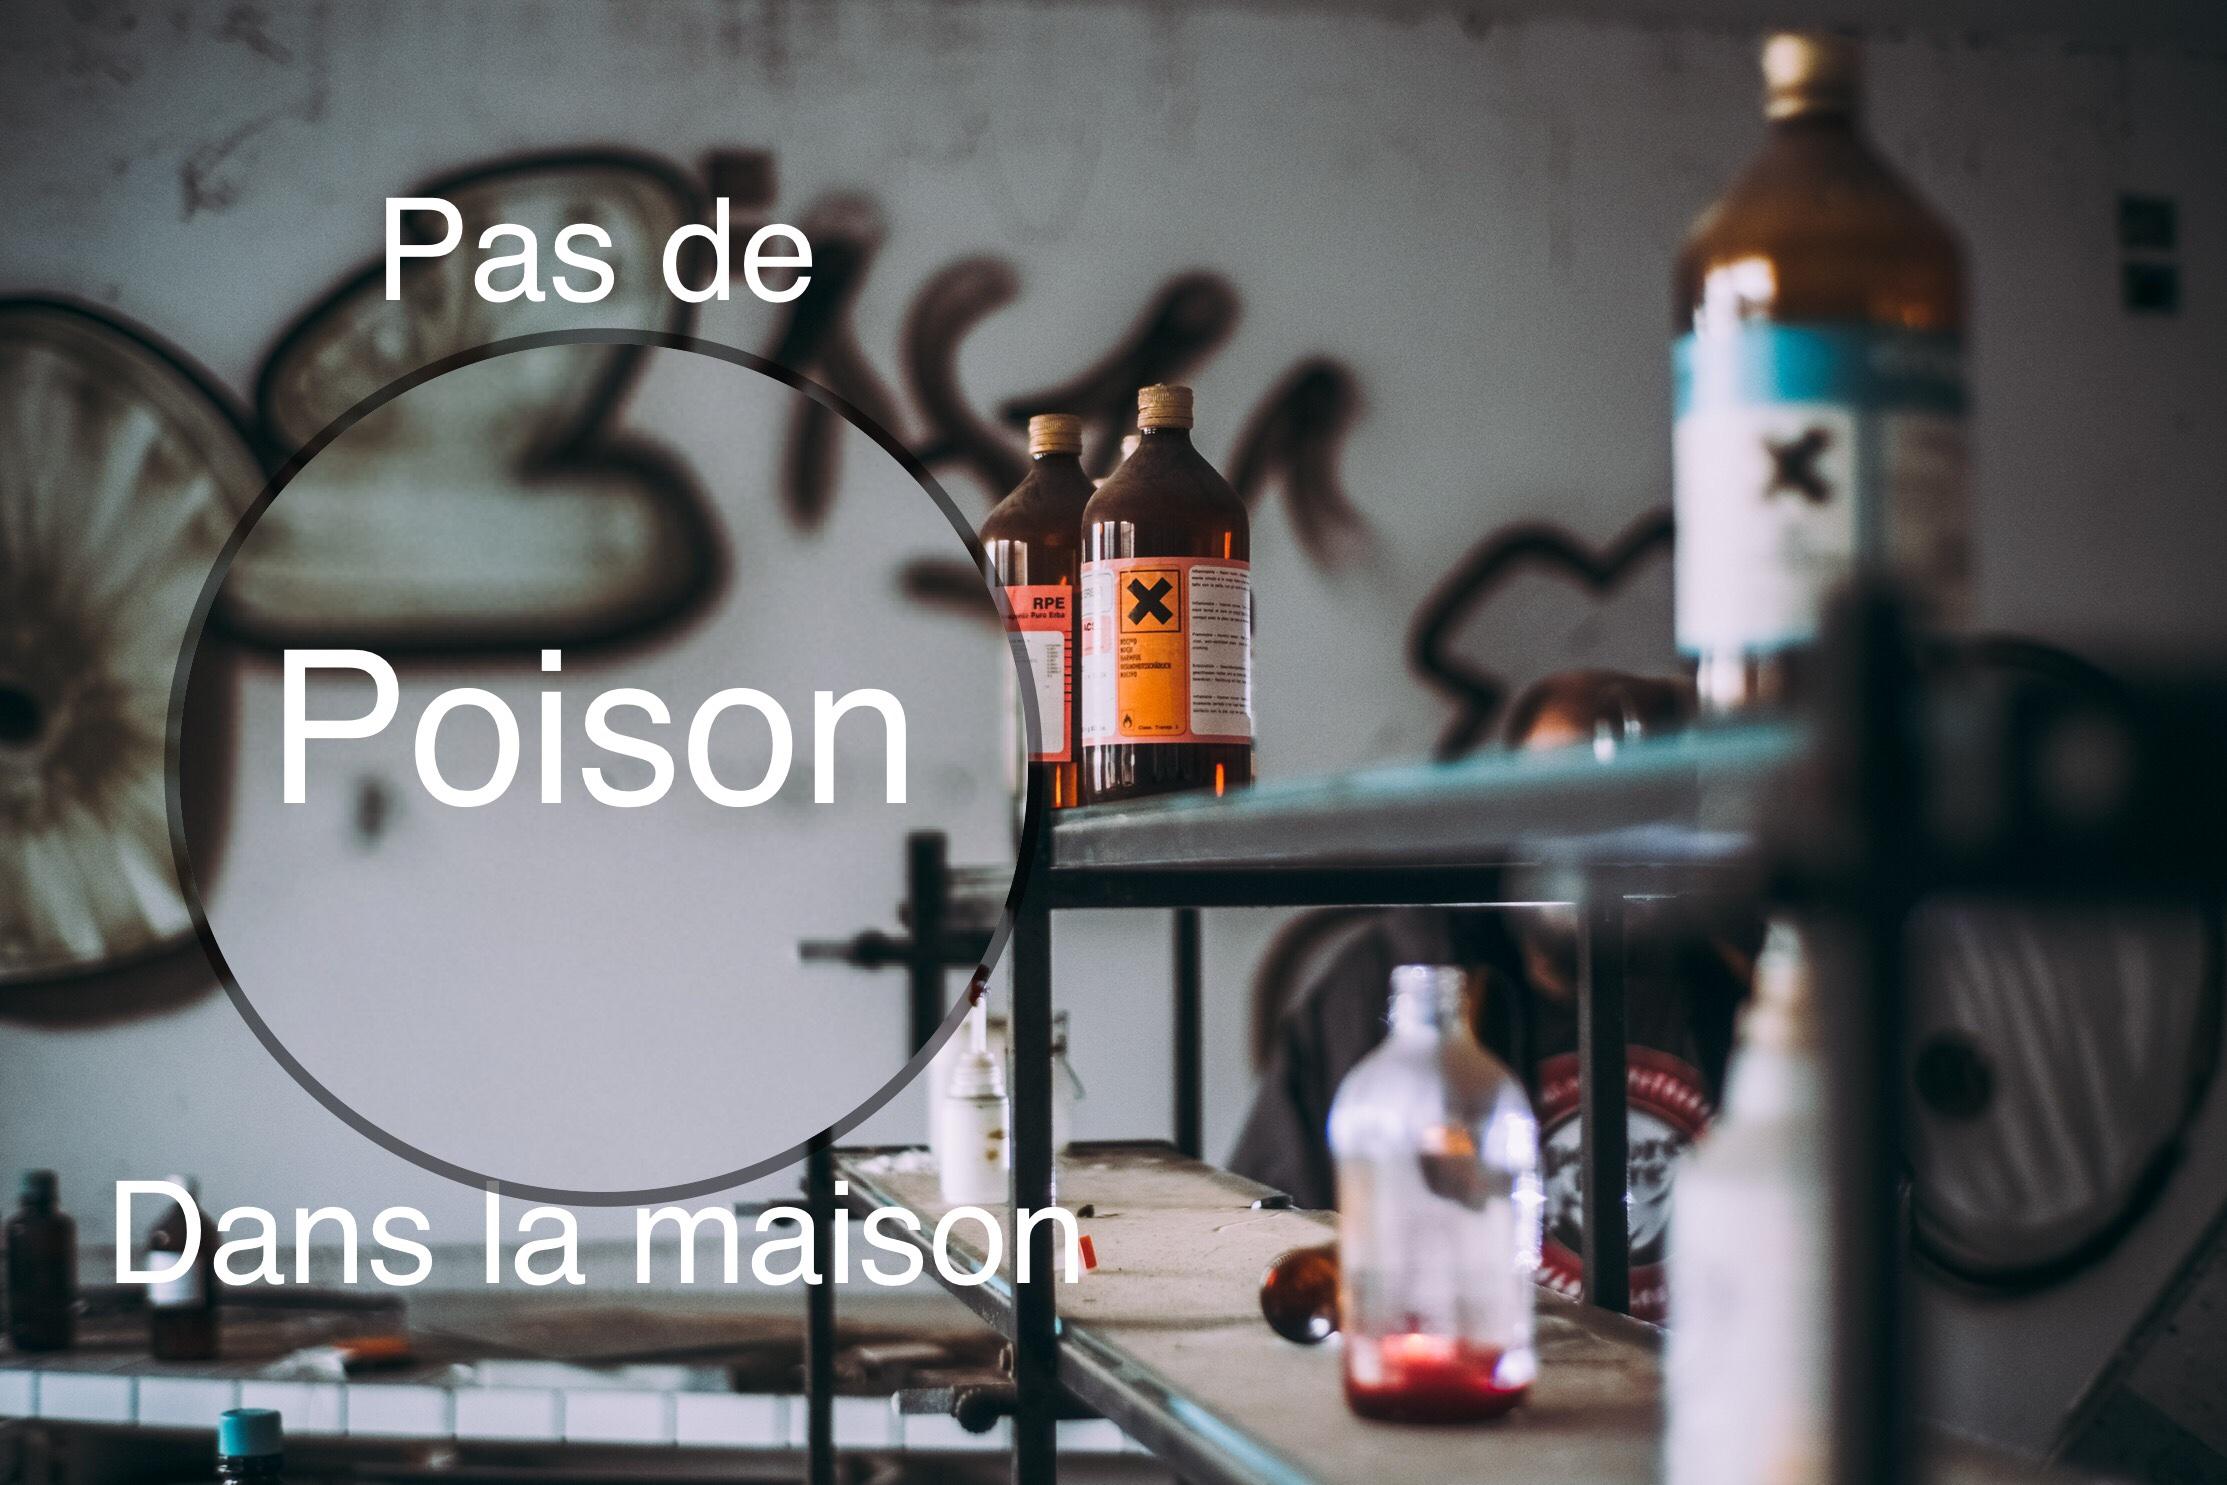 Pas de poison dans la maison